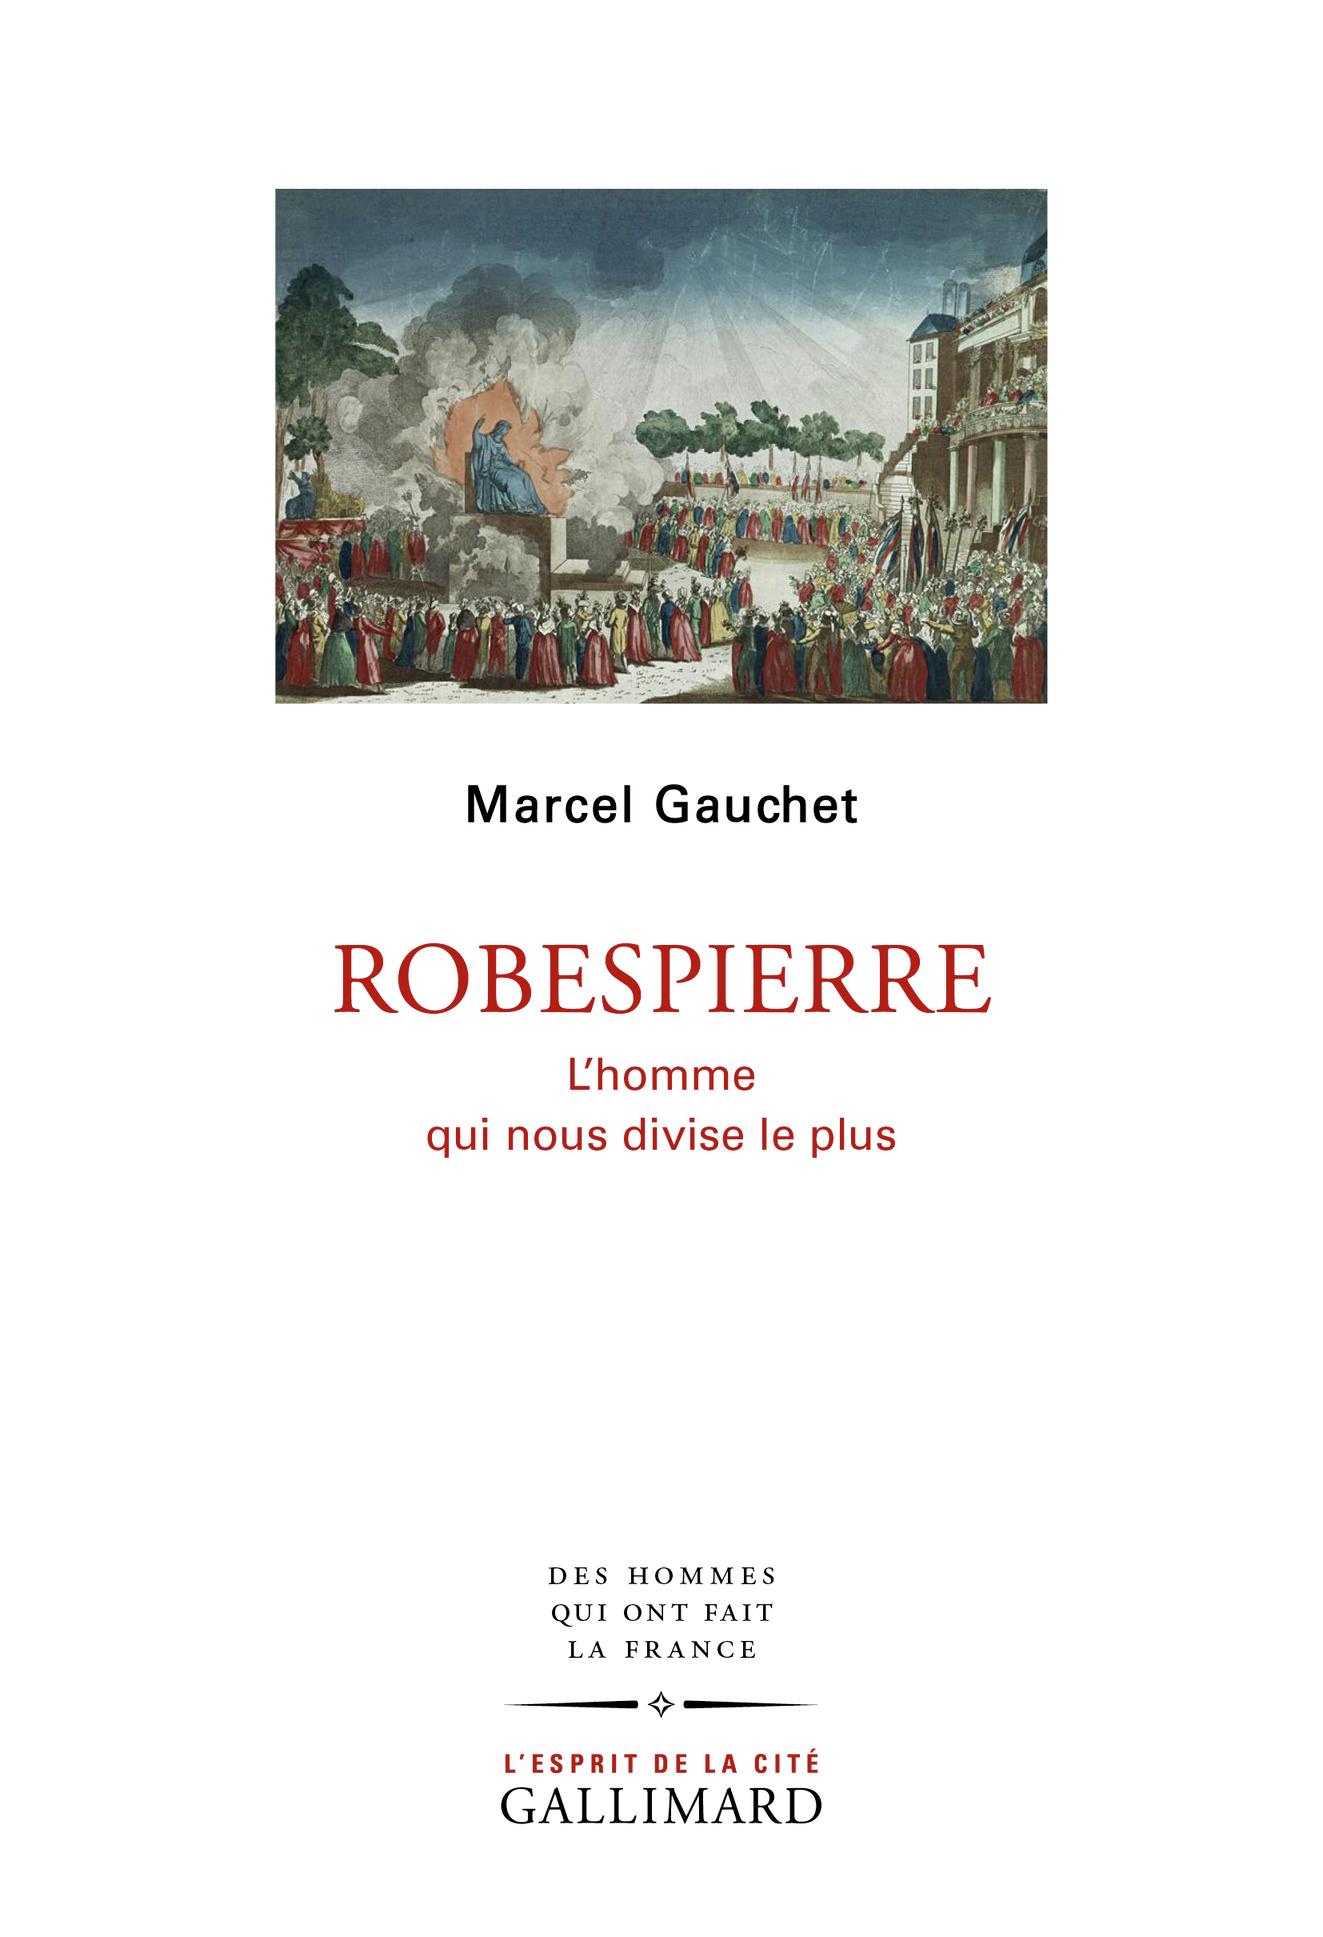 M. Gauchet, Robespierre. L'homme qui nous divise le plus